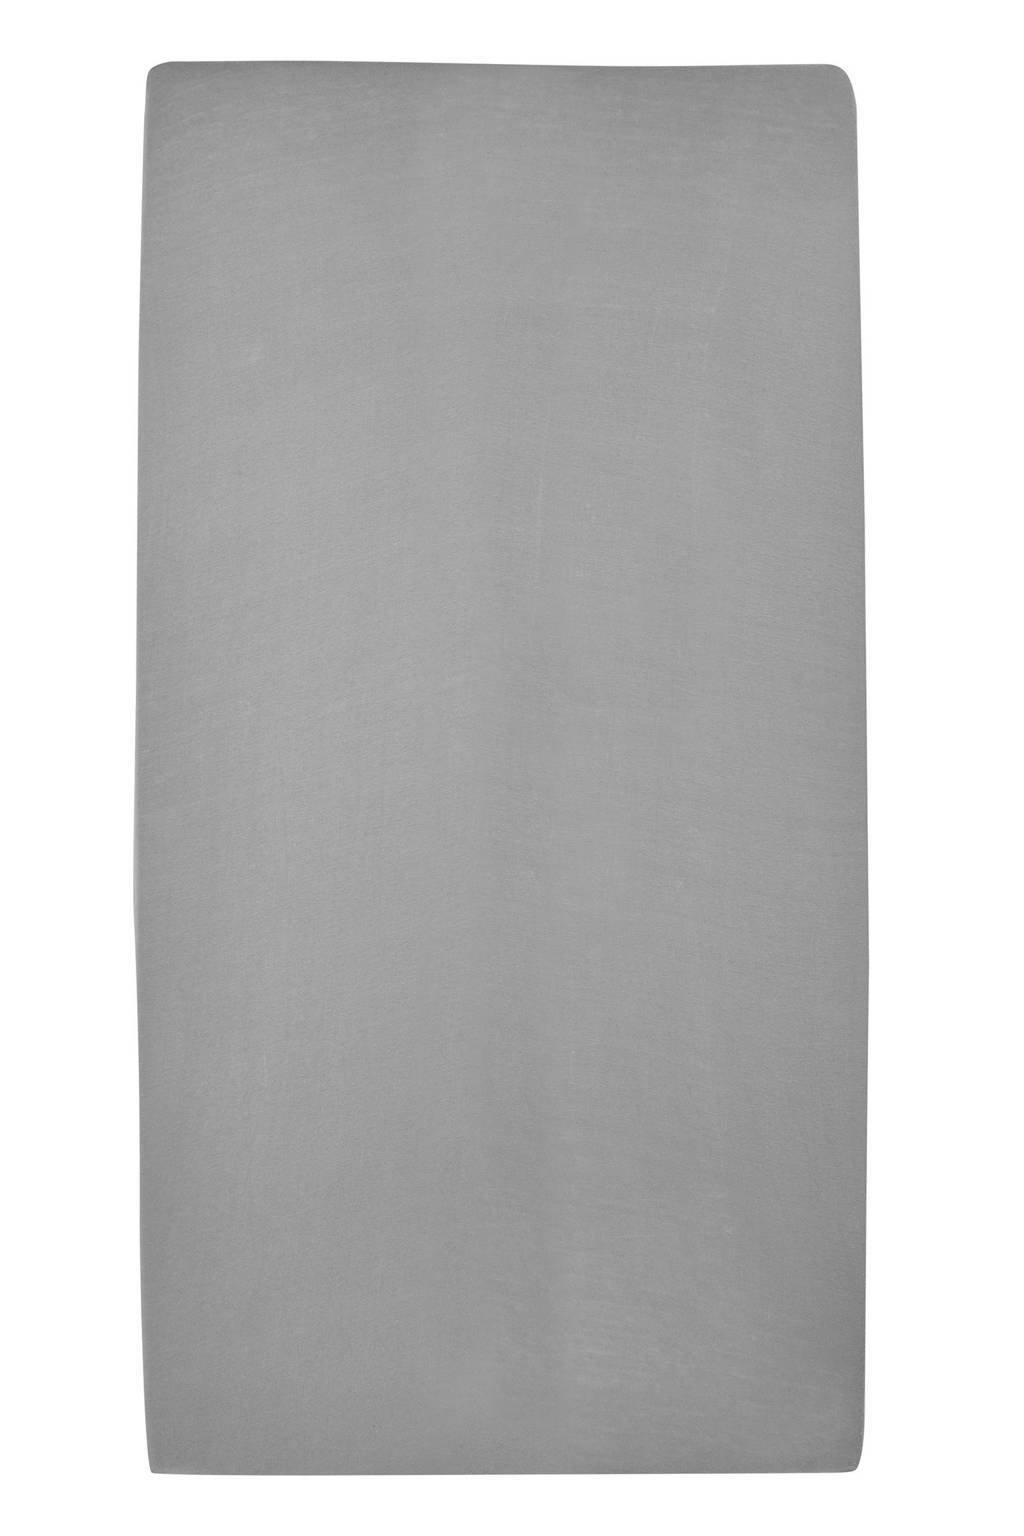 Meyco jersey hoeslaken peuterbed 70x140/150 cm Grijs